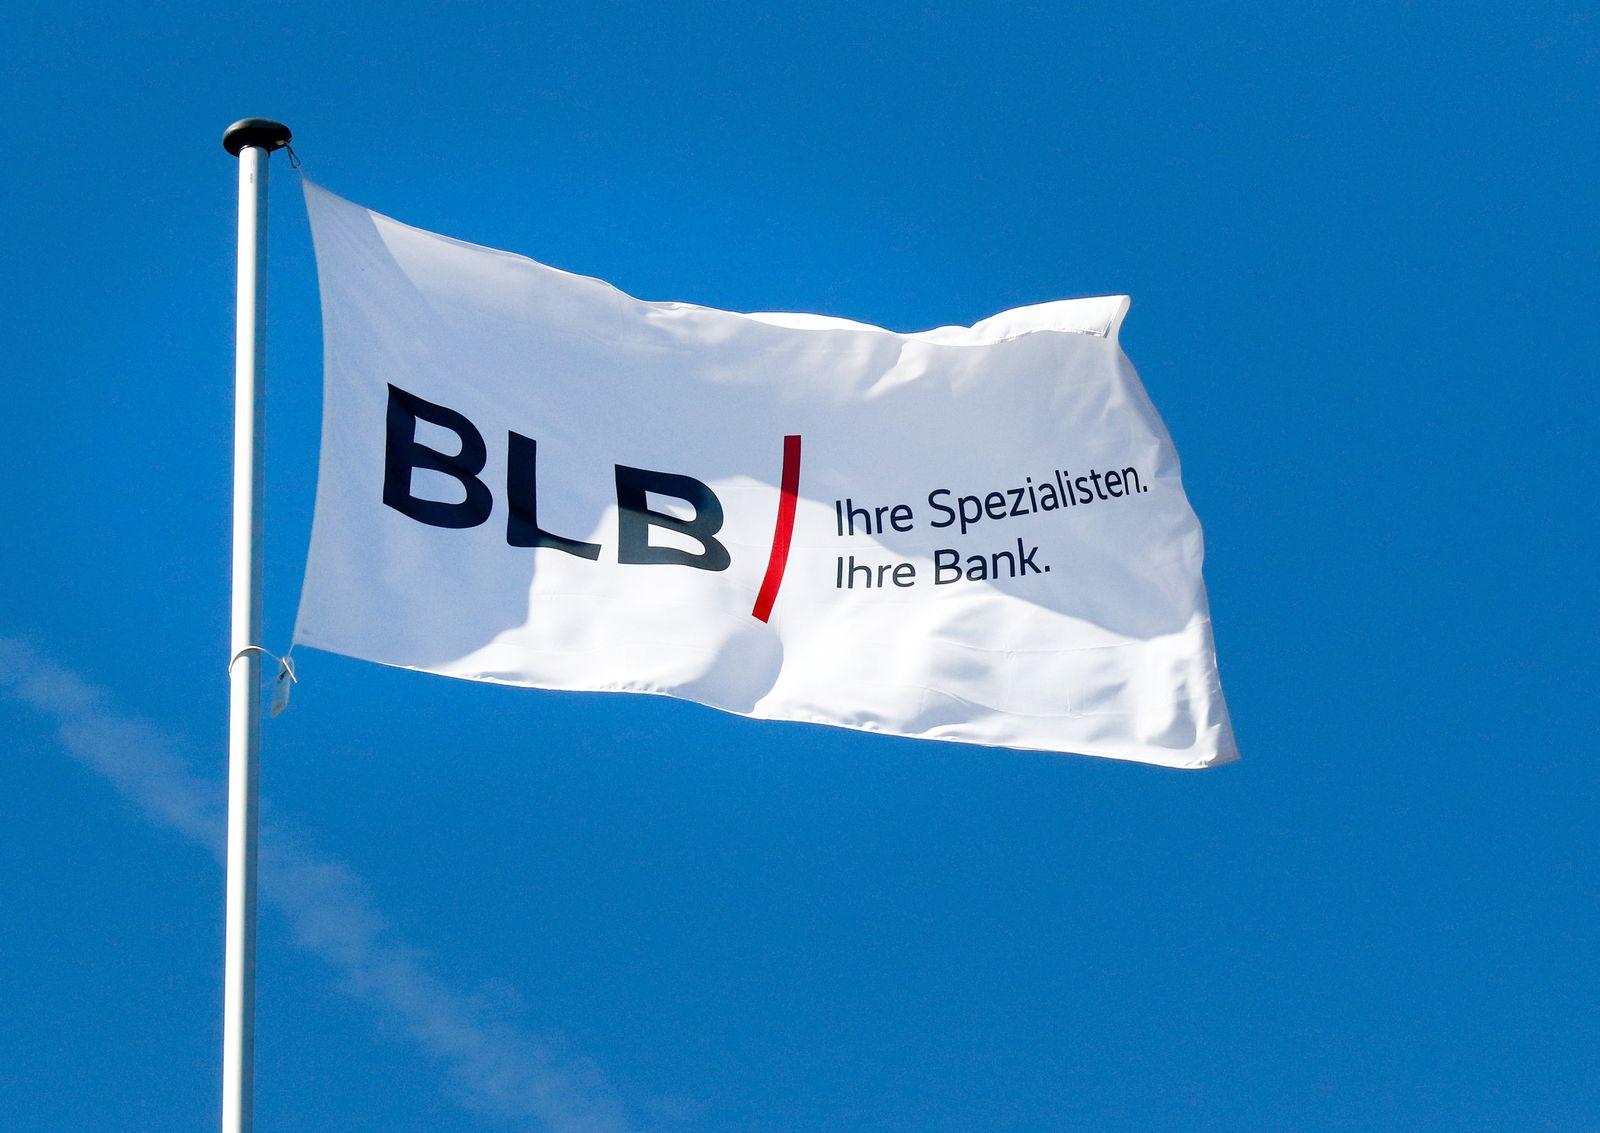 Bremer Landesbank (BLB)